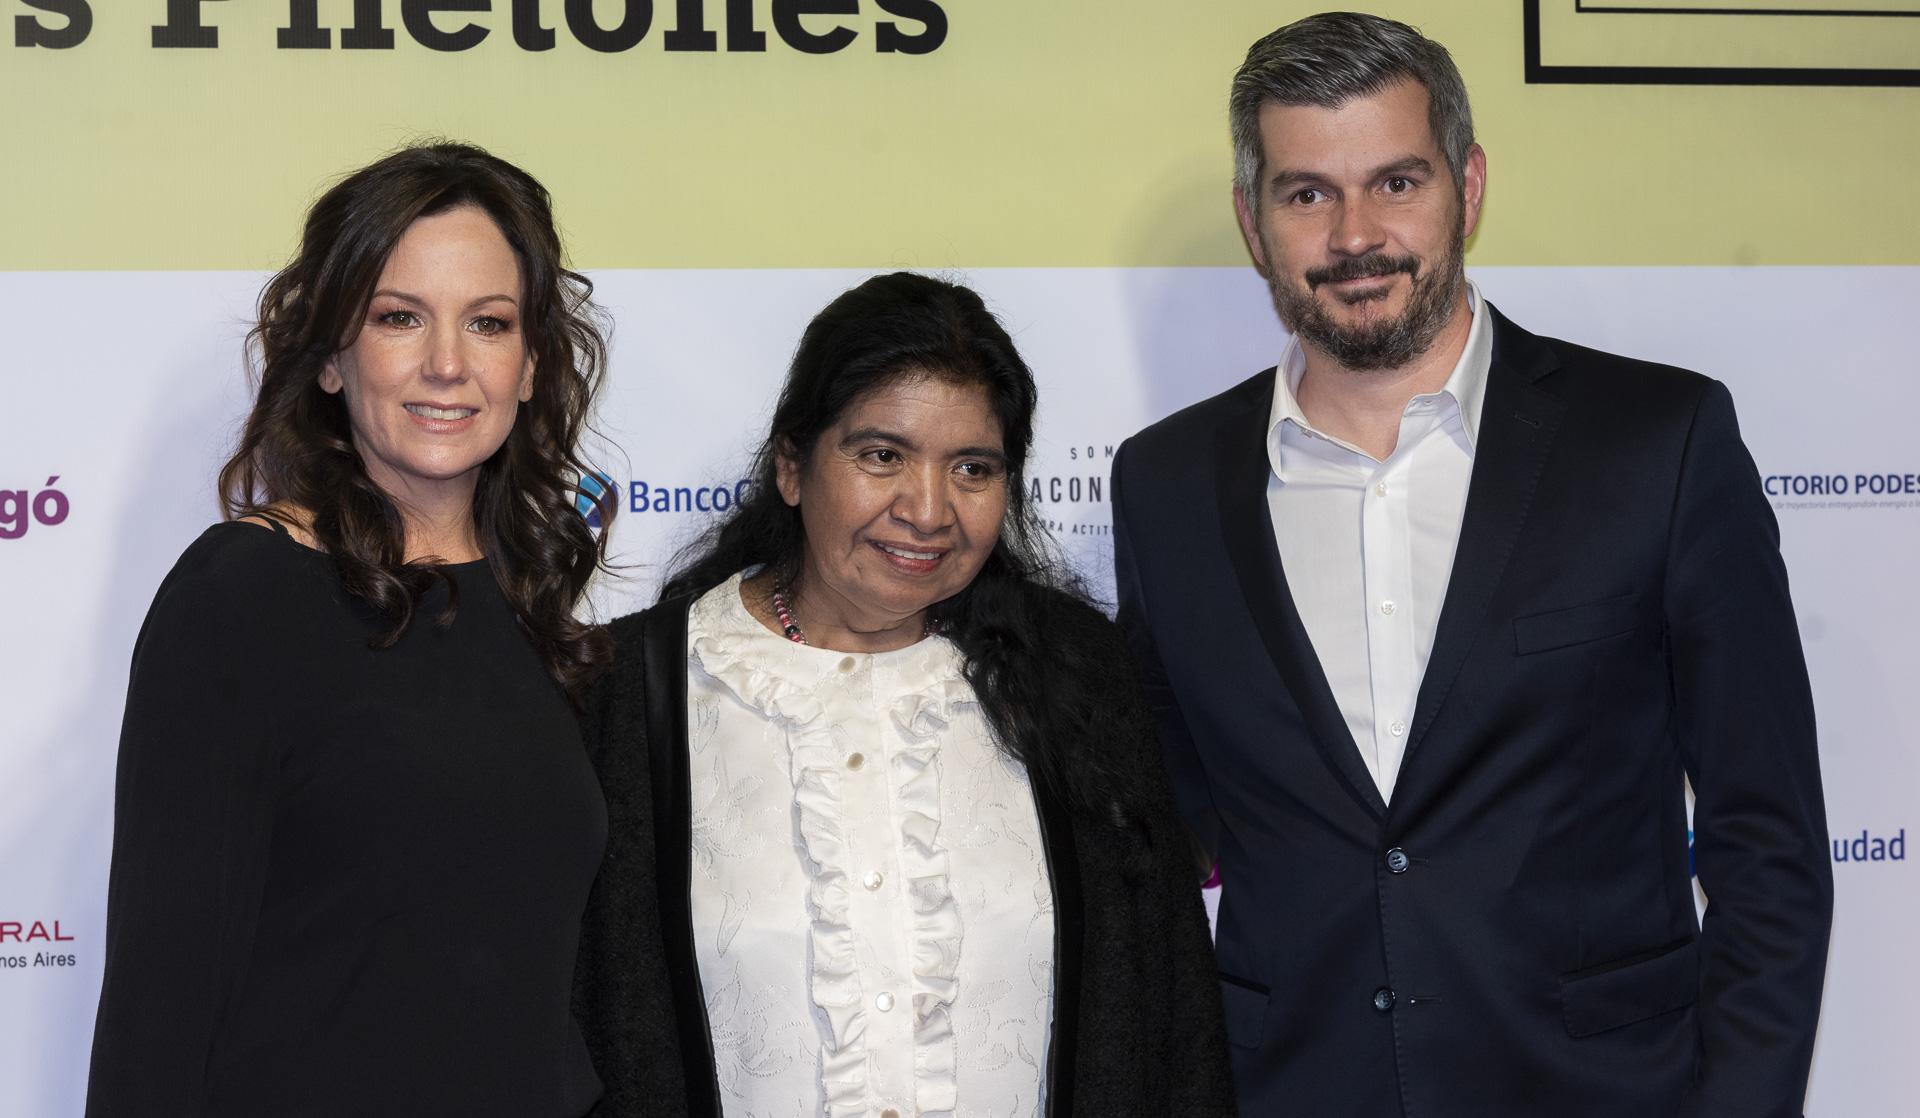 La ministra de Salud y Desarrollo Social, Carolina Stanley, junto al jefe de Gabinete Marcos Peña y Margarita Barrientos